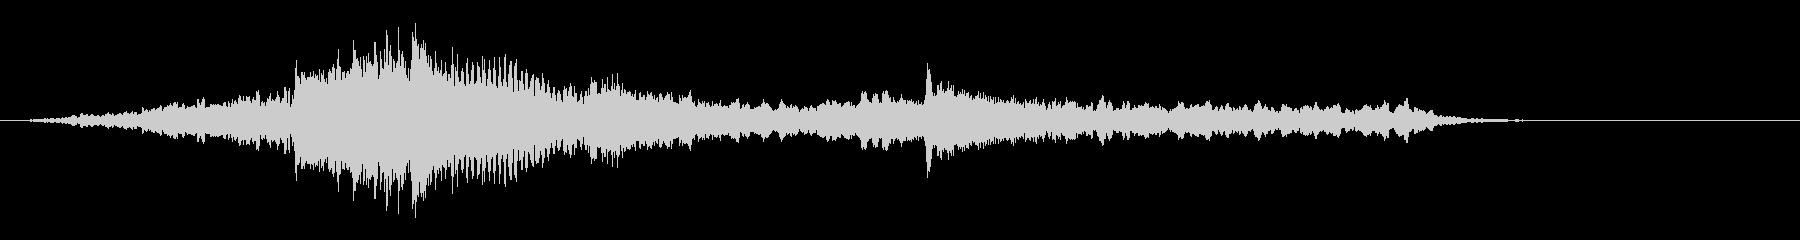 映像用BGM_ショッキング2の未再生の波形